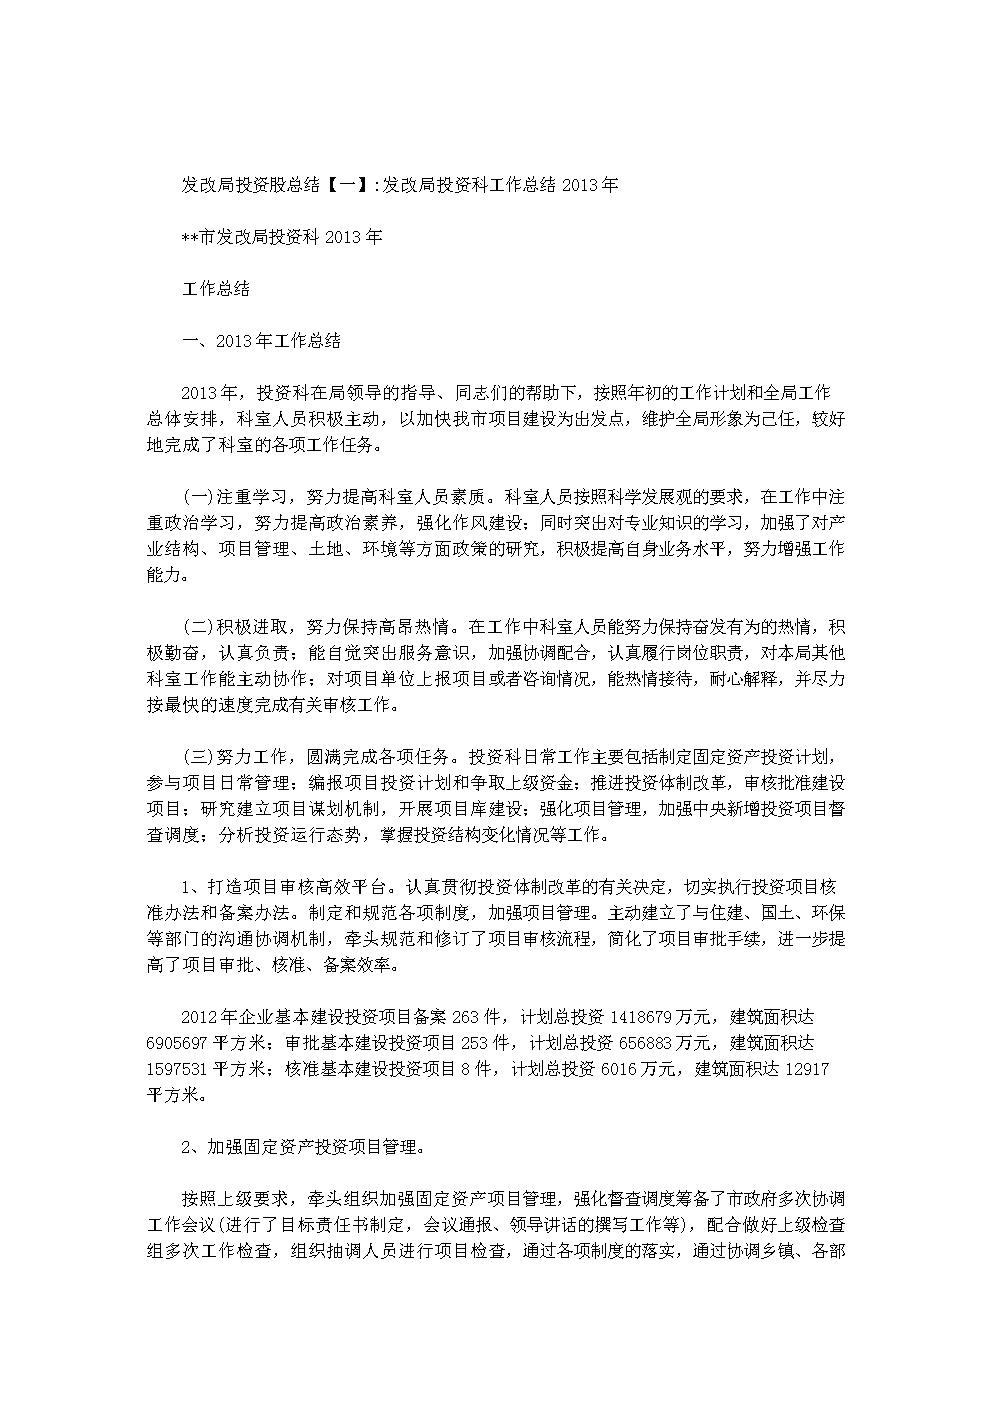 发改局投资股总结范文.doc